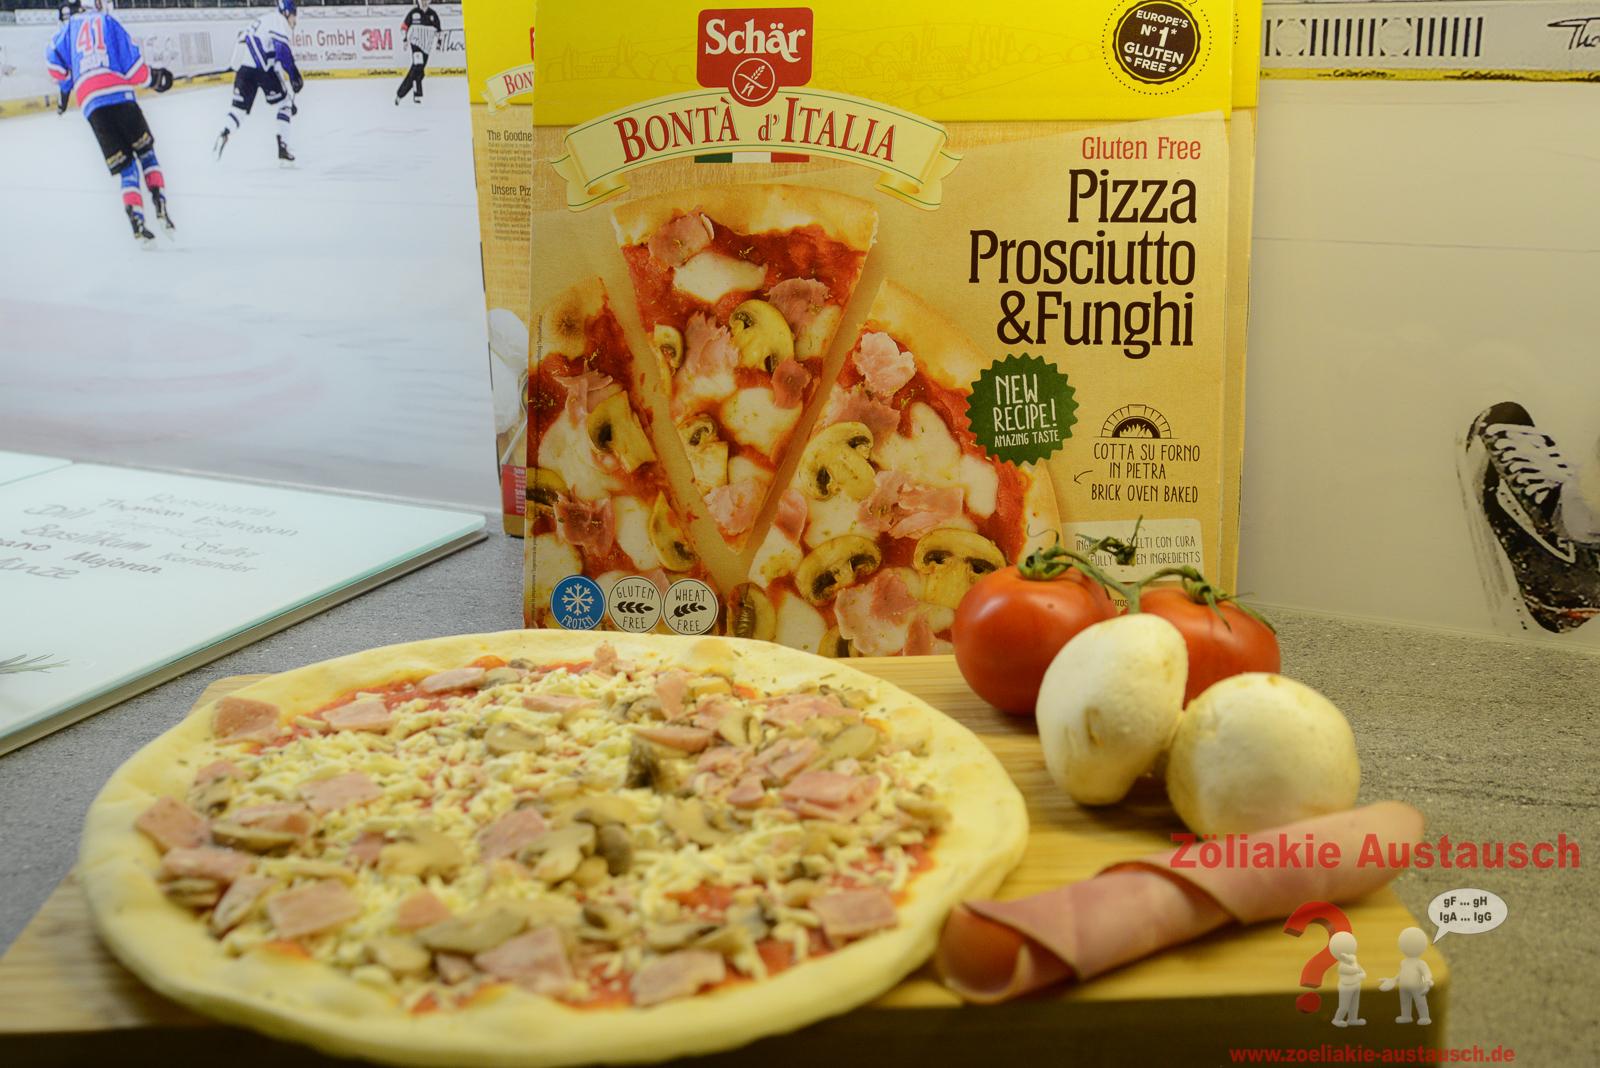 Schaer_Pizza-Zoeliakie_Austausch_016